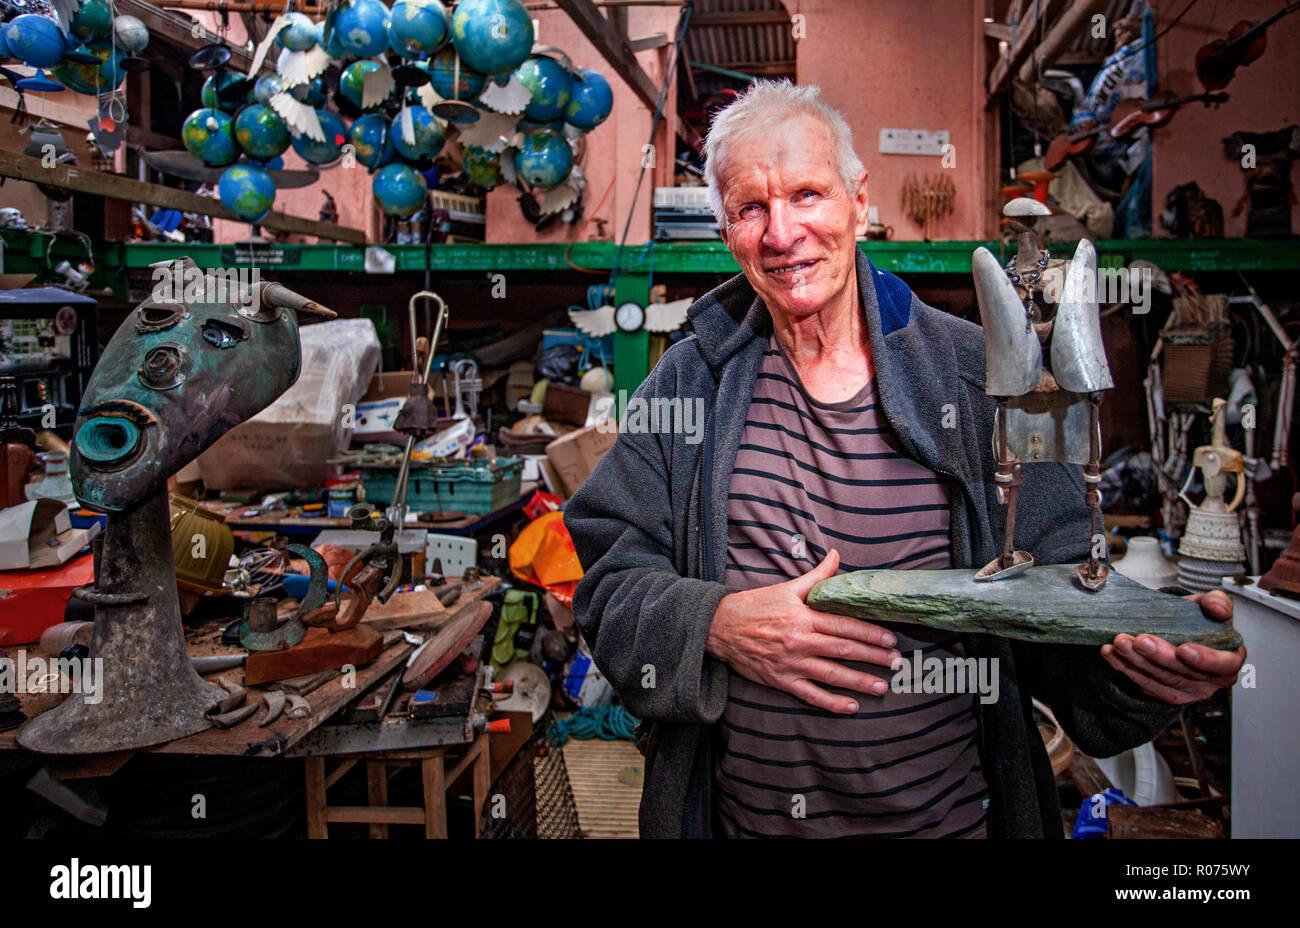 David Kemp, artiste, sur sa falaise studio à Cornwall Banque D'Images